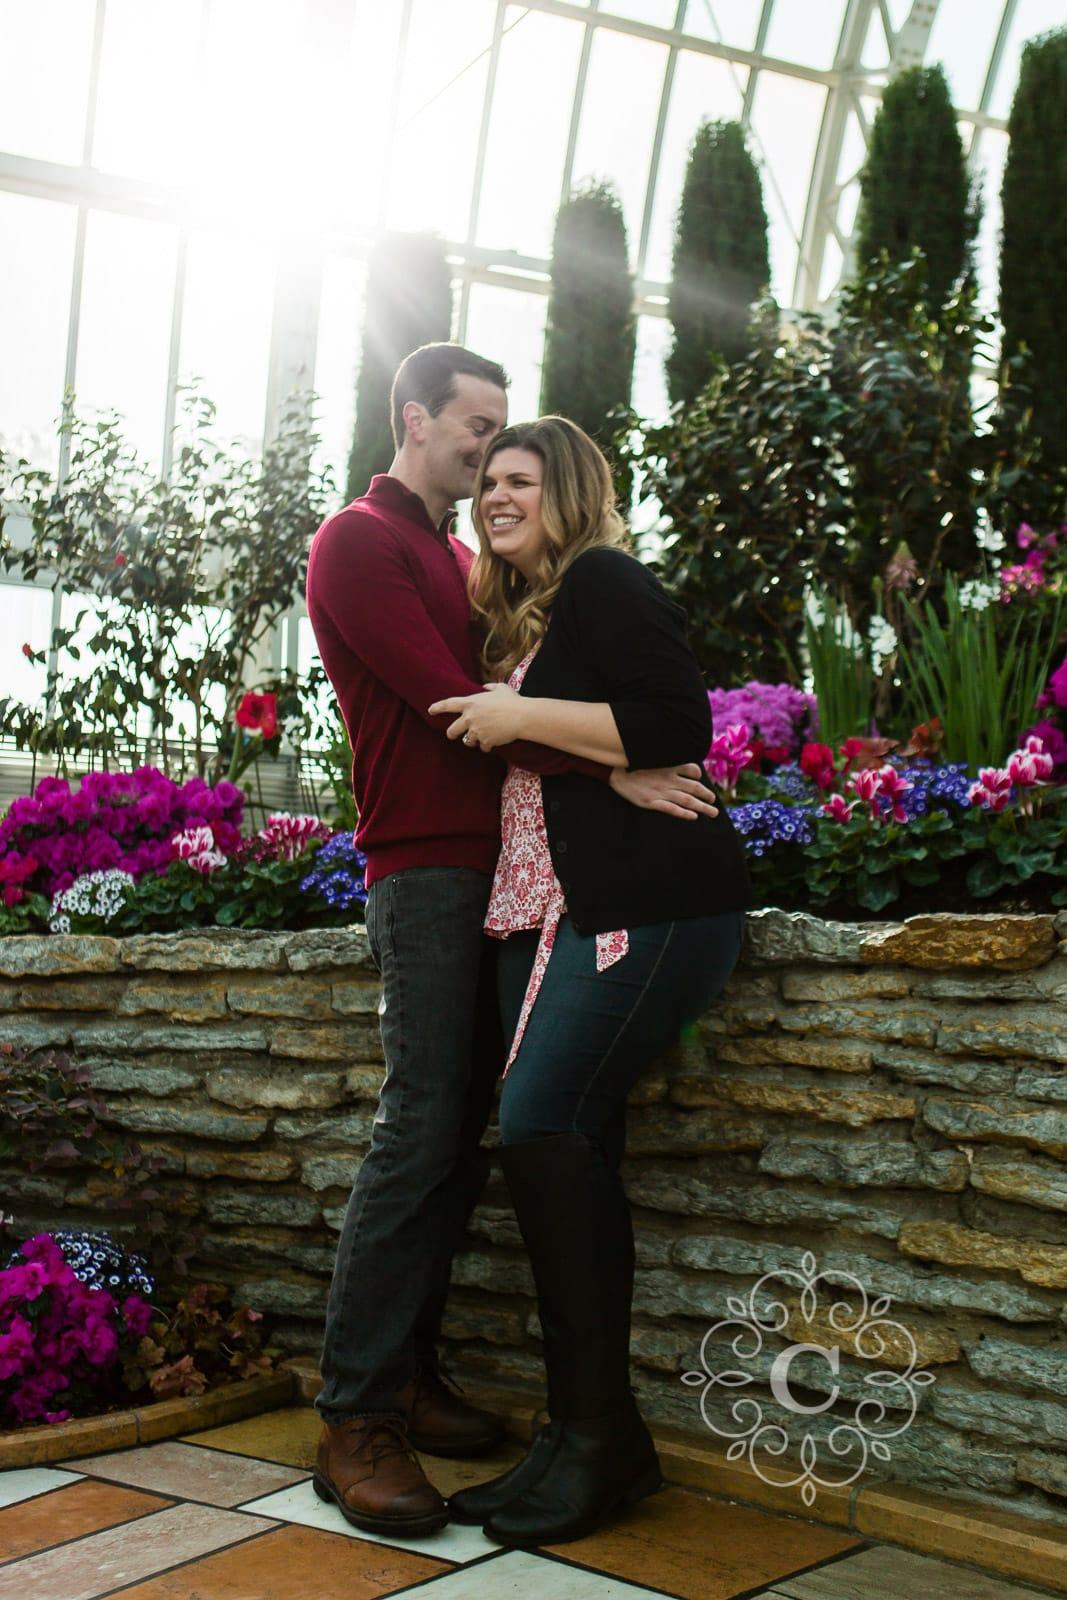 Sunken Garden Como Conservatory Engagement Photo